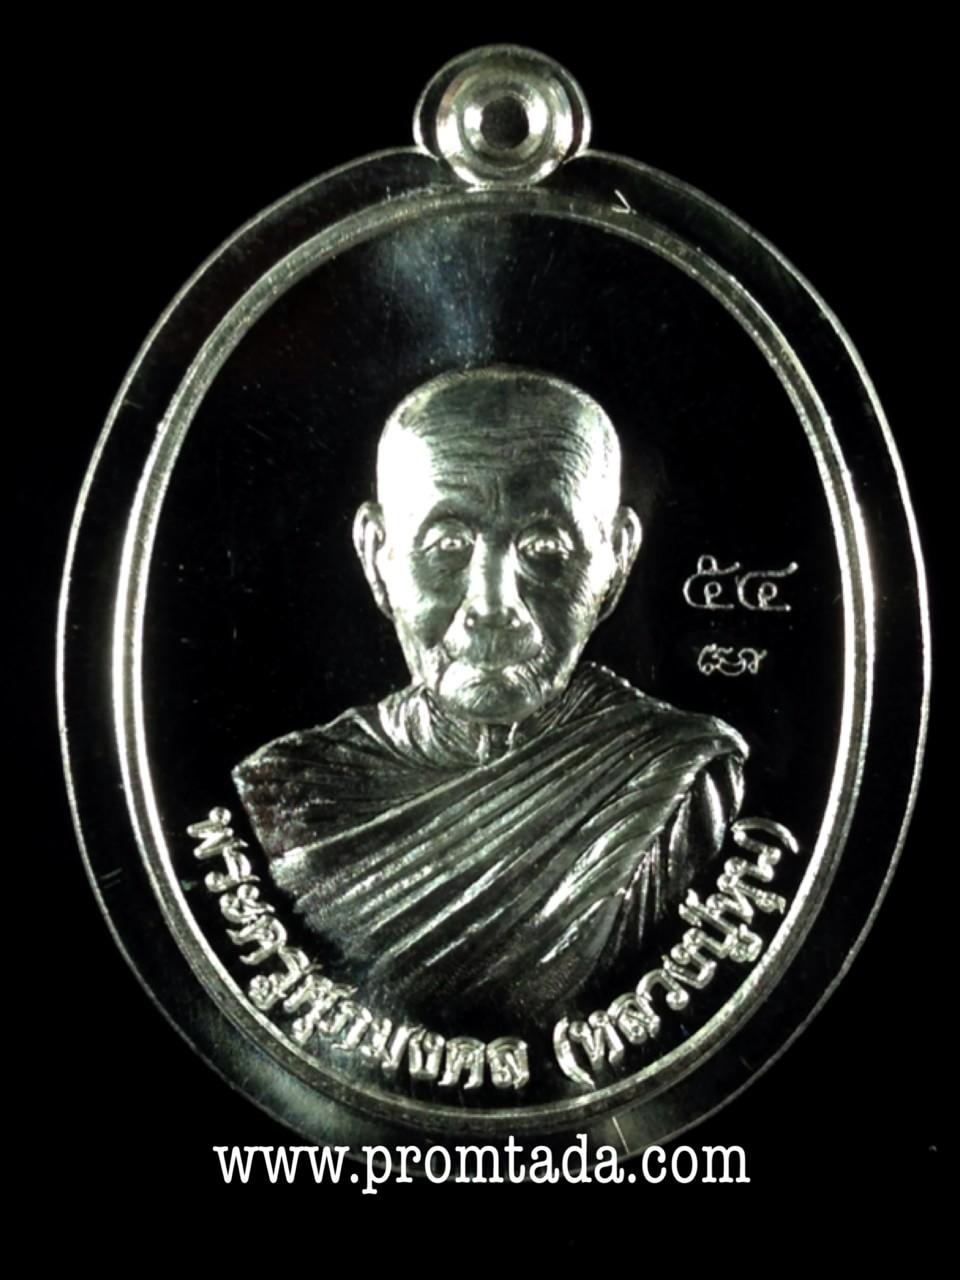 เหรียญเต็มองค์ห่มคลุม ปี2558 เนื้อเงิน หลวงปู่หุน วัดบางผึ้ง